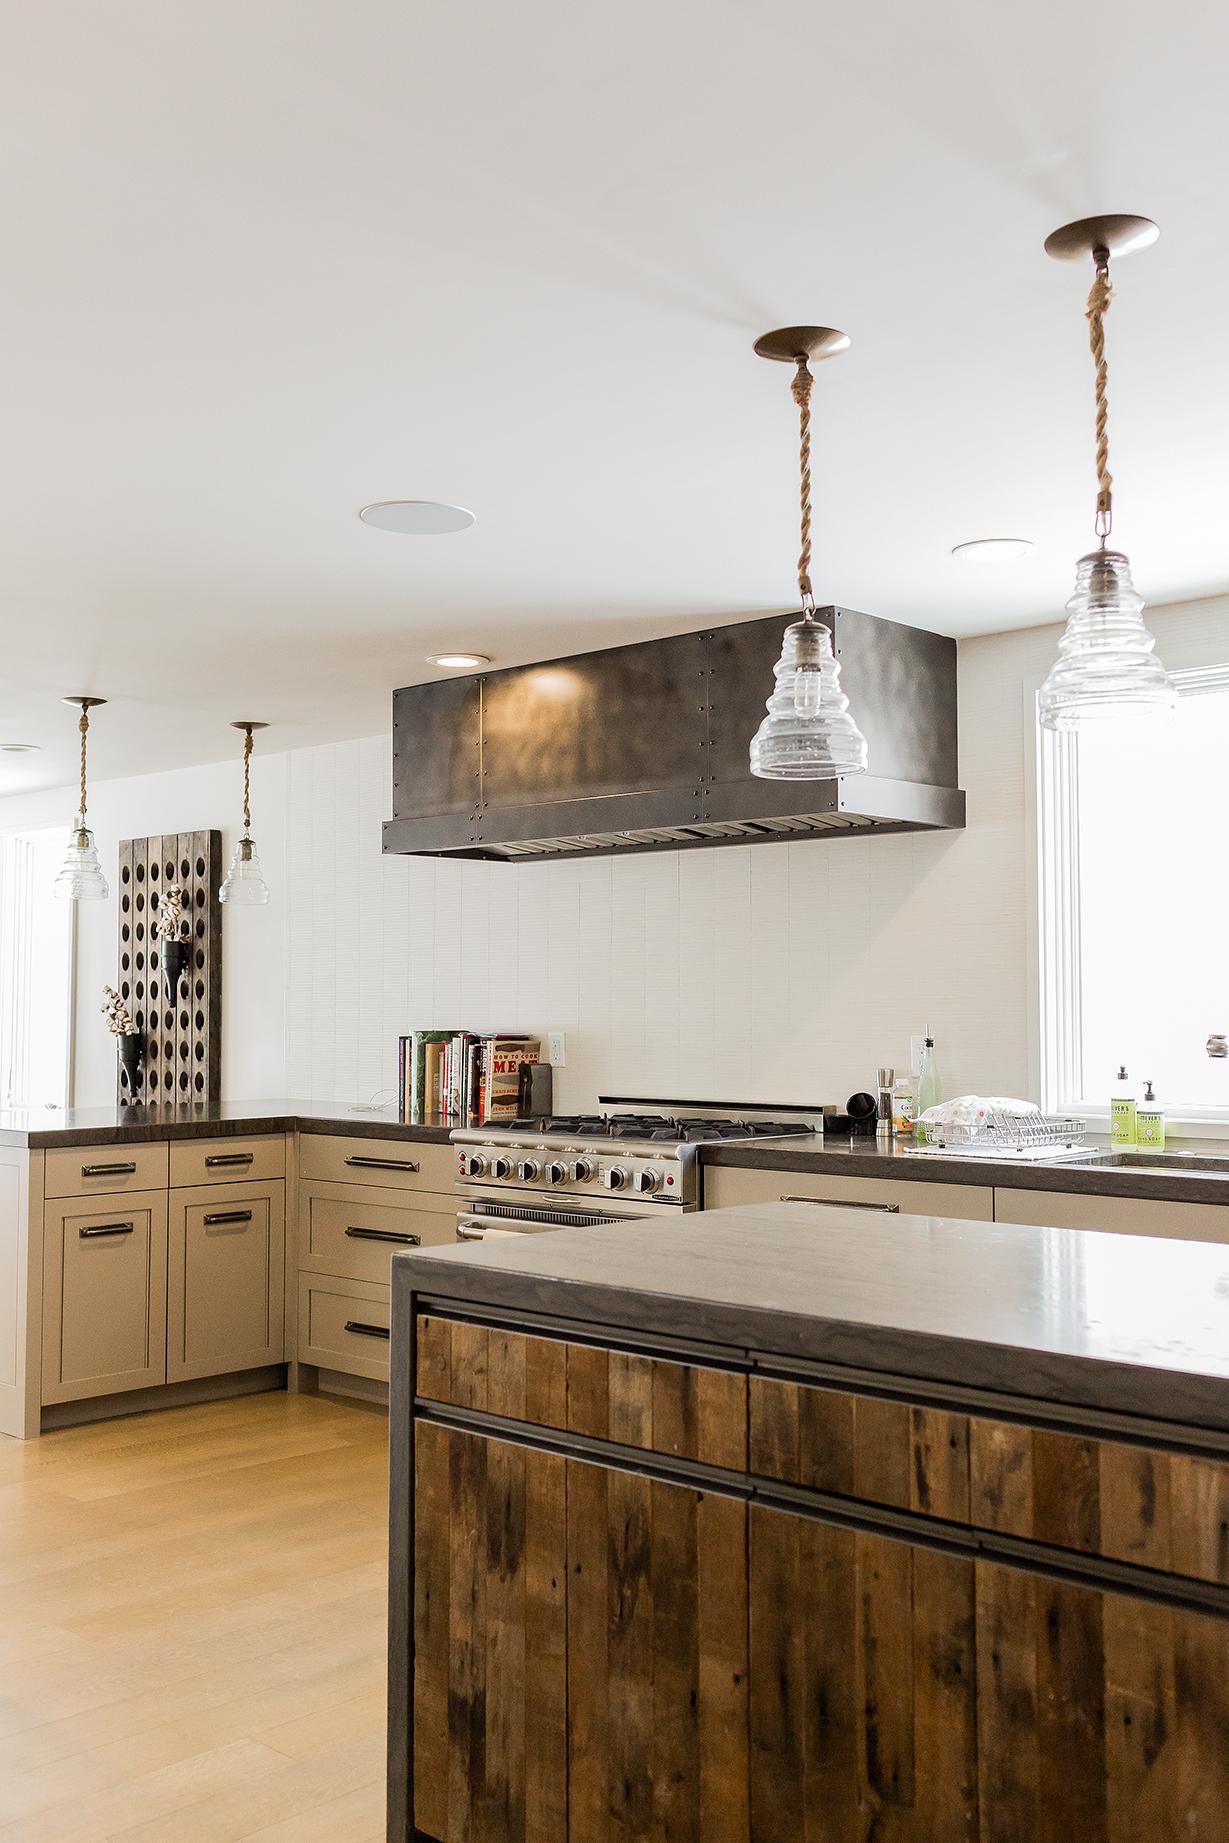 Rustic kitchenby Jennifer Palumbo Inc.